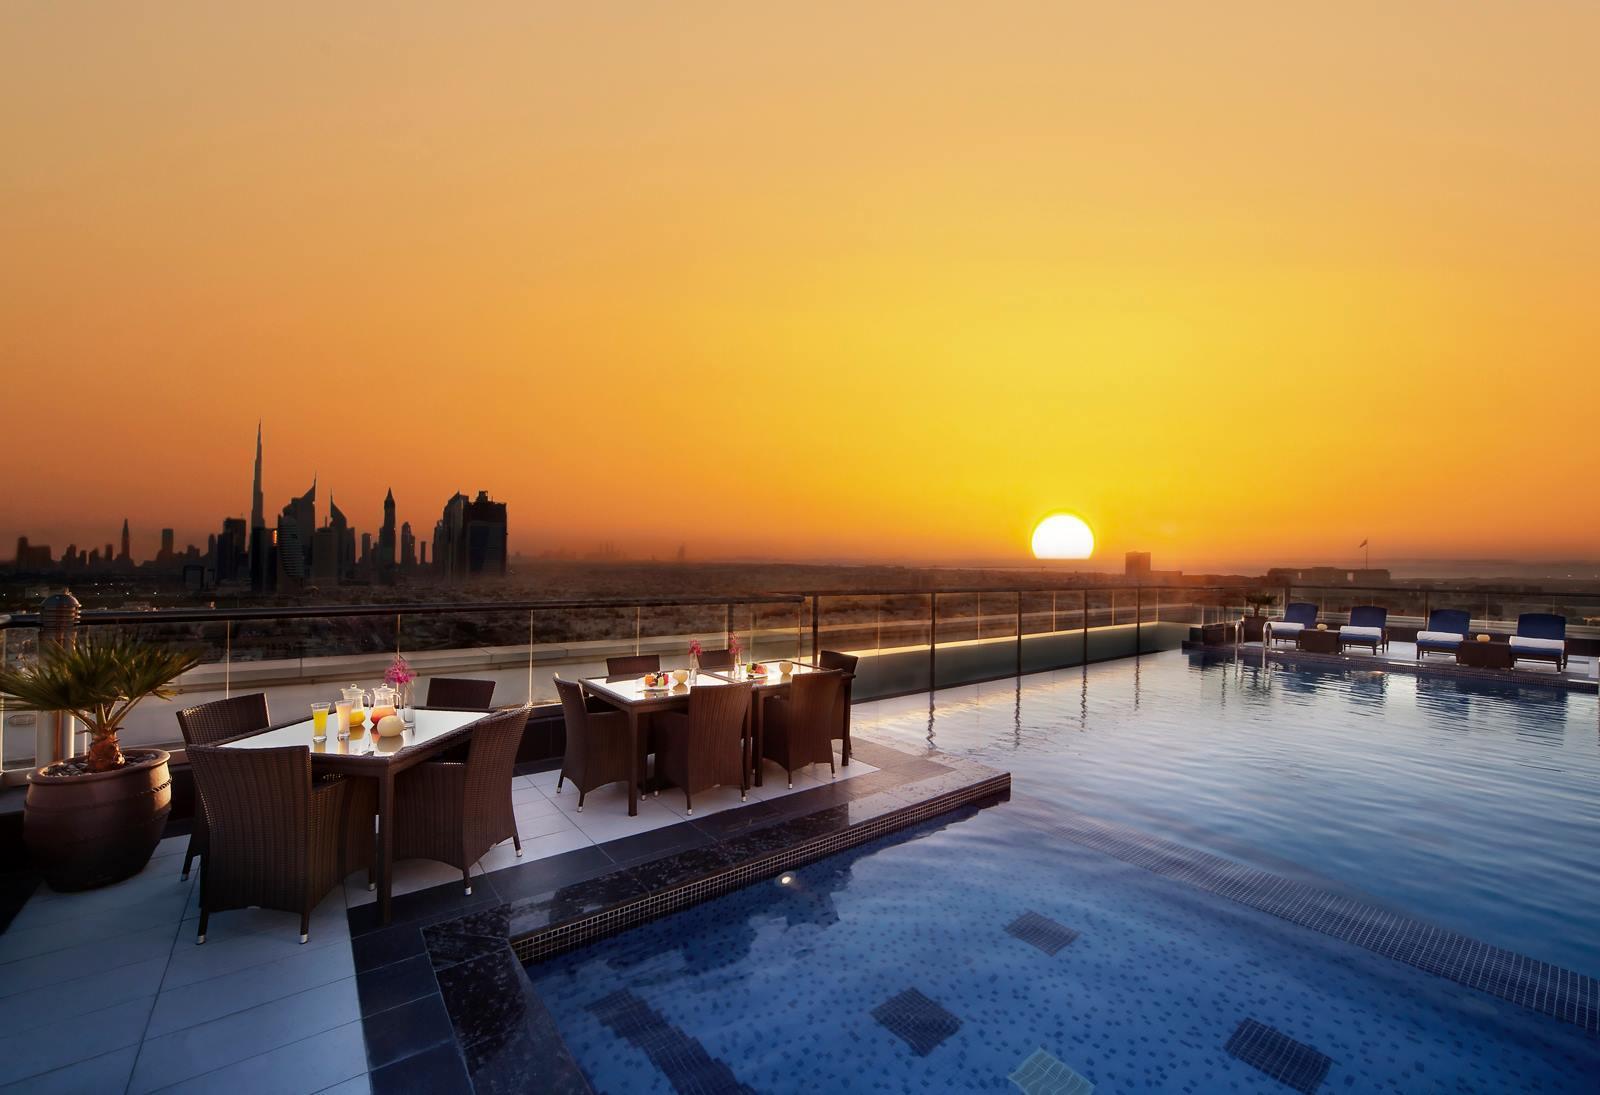 Park Regis Kris Kin Dubai